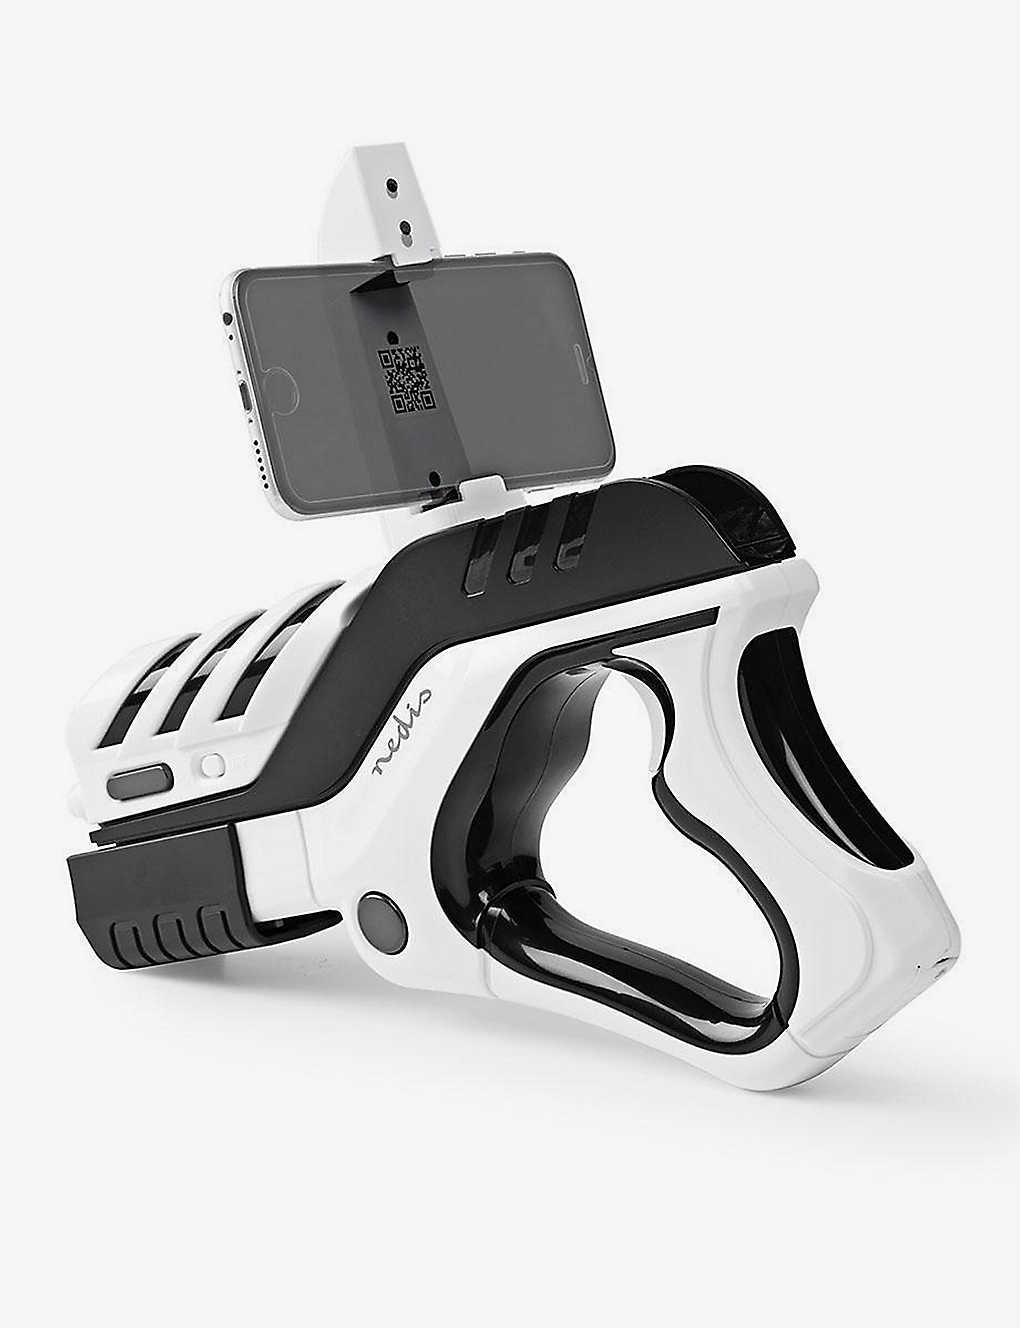 SMARTECH: Augmented Reality Remote Gun Controller